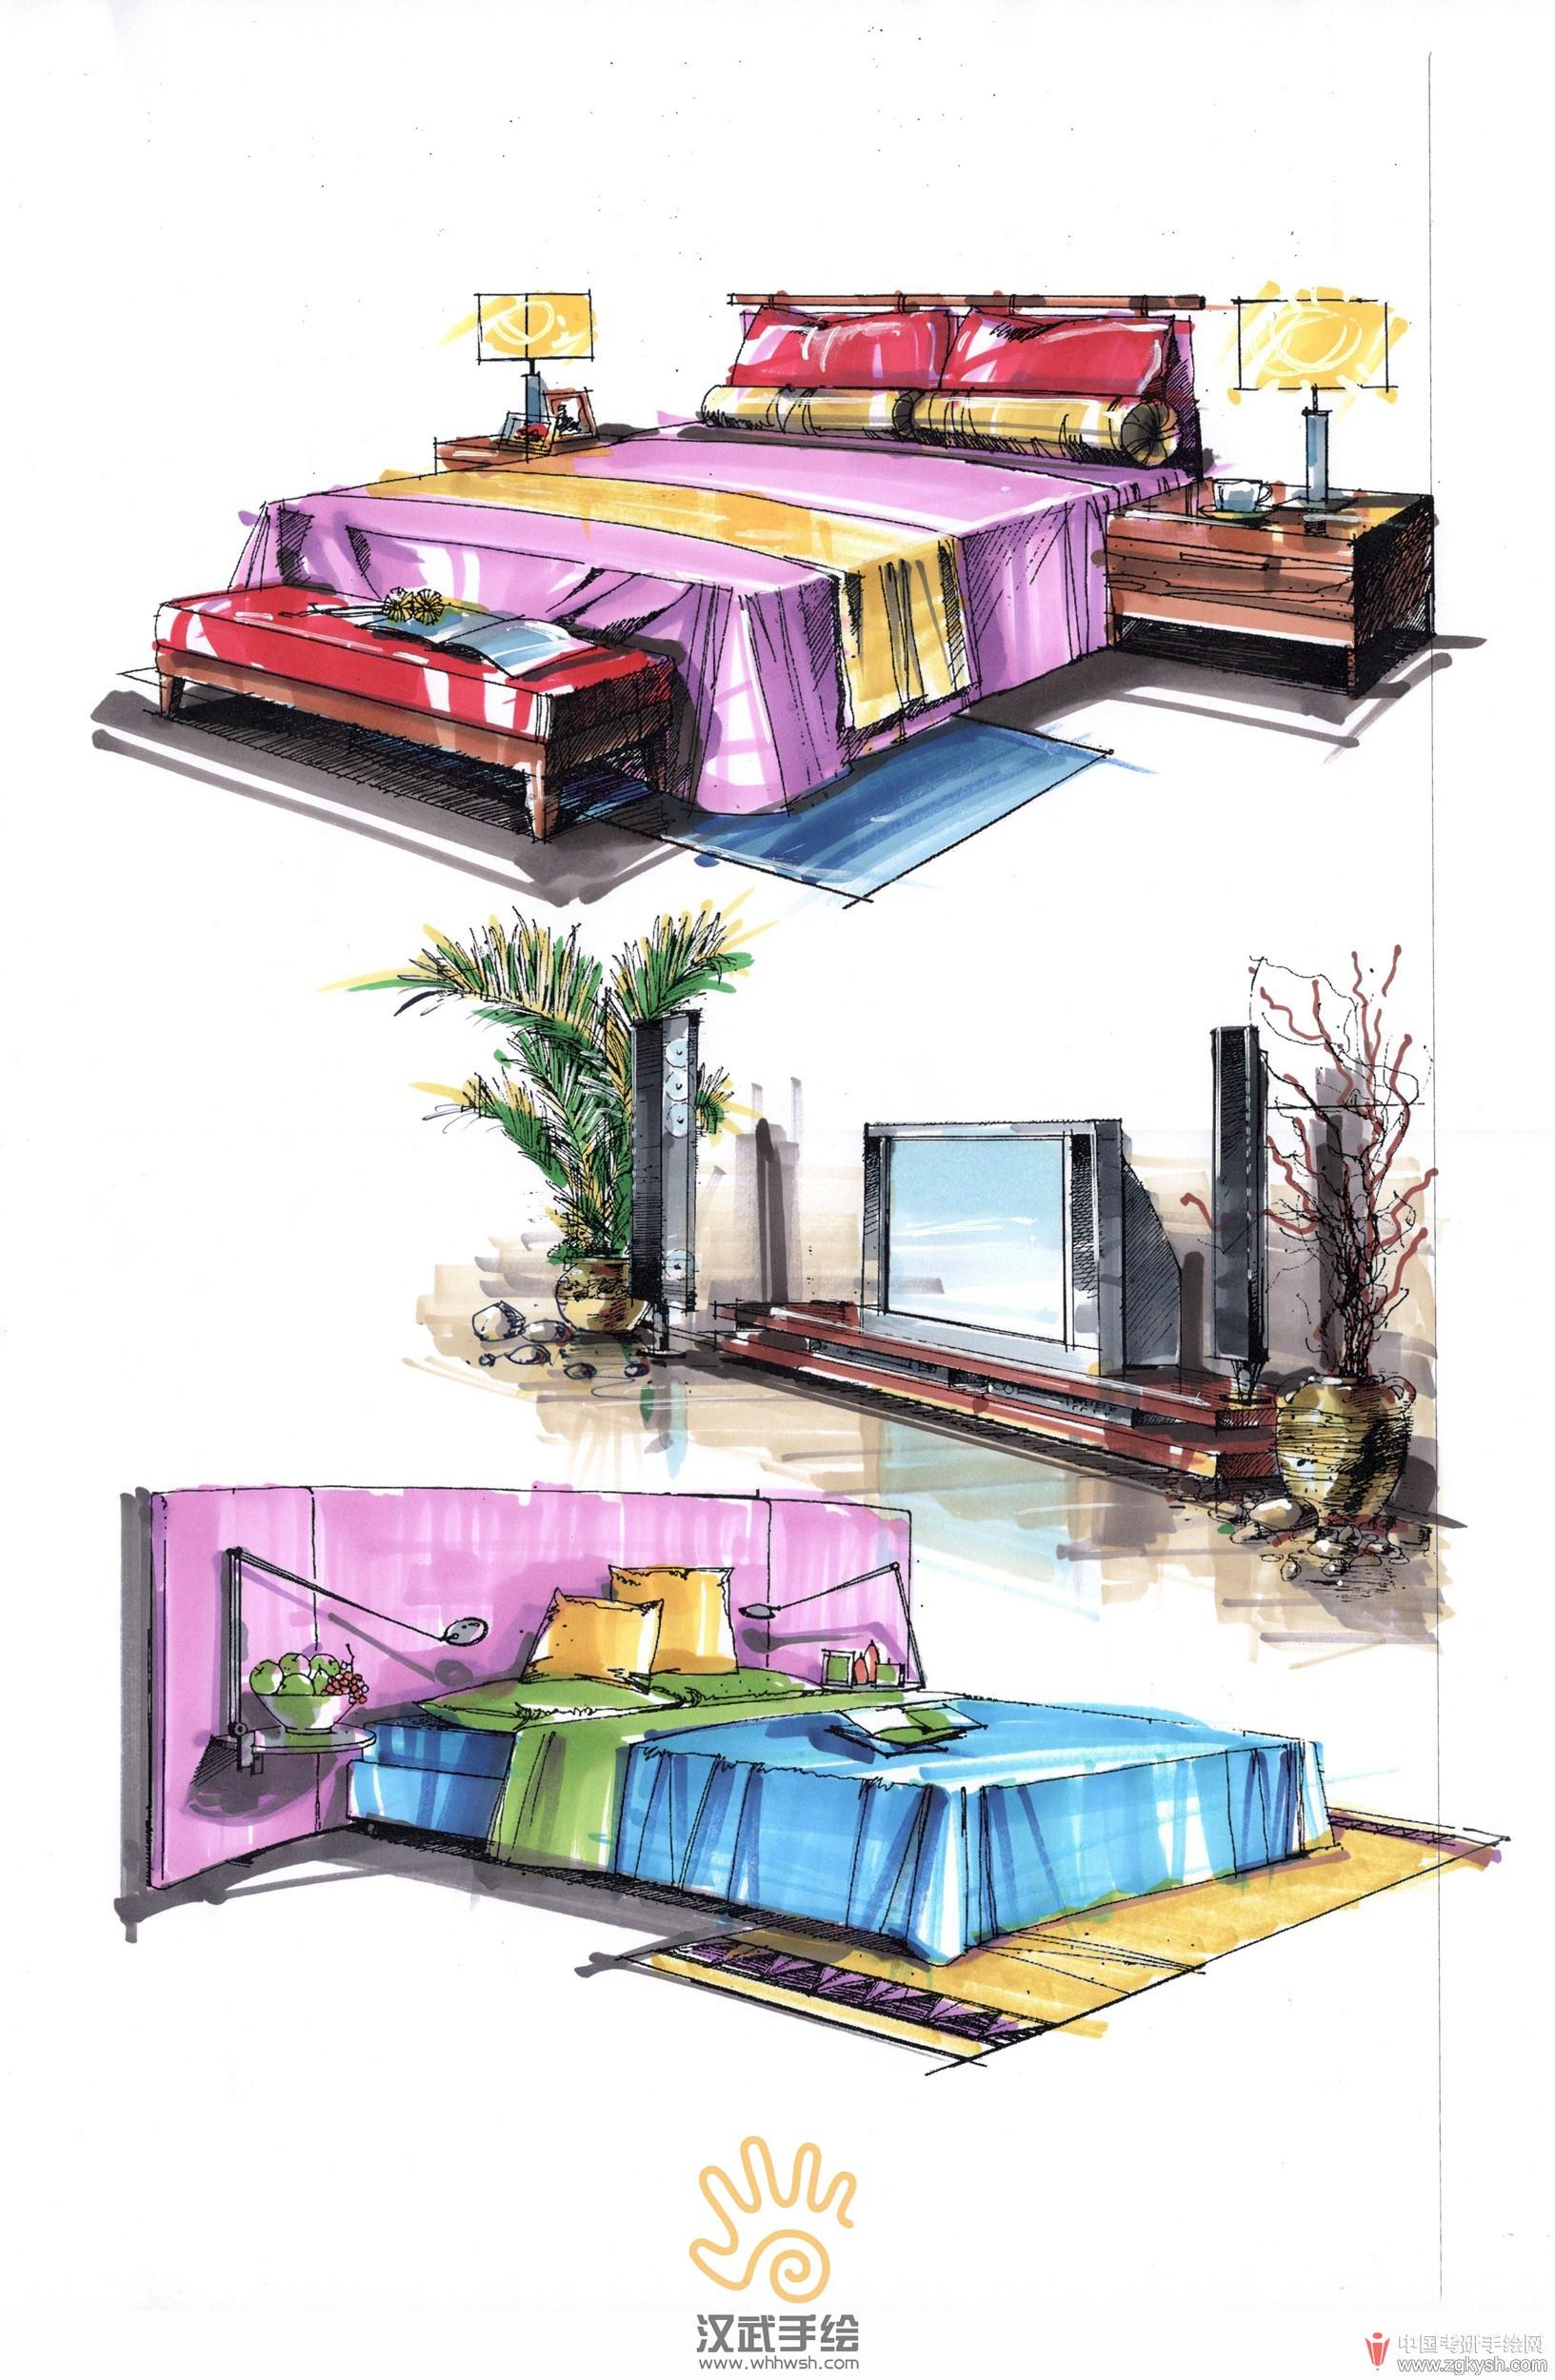 wang建筑景观室内手绘图